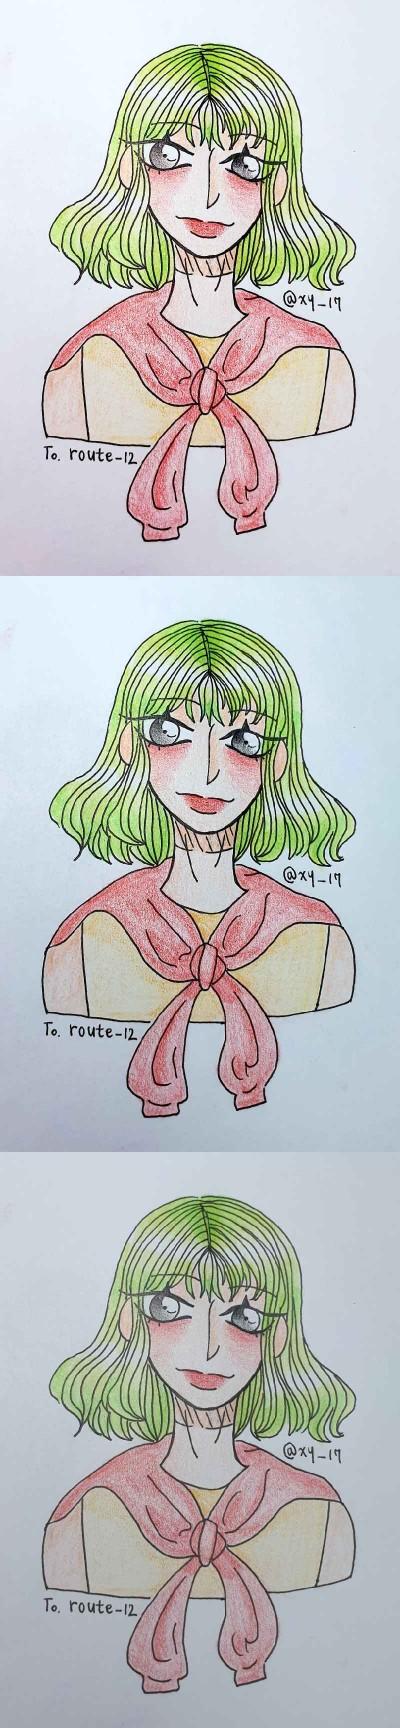 루트님 기프트~!! | xy_17 | Digital Drawing | PENUP